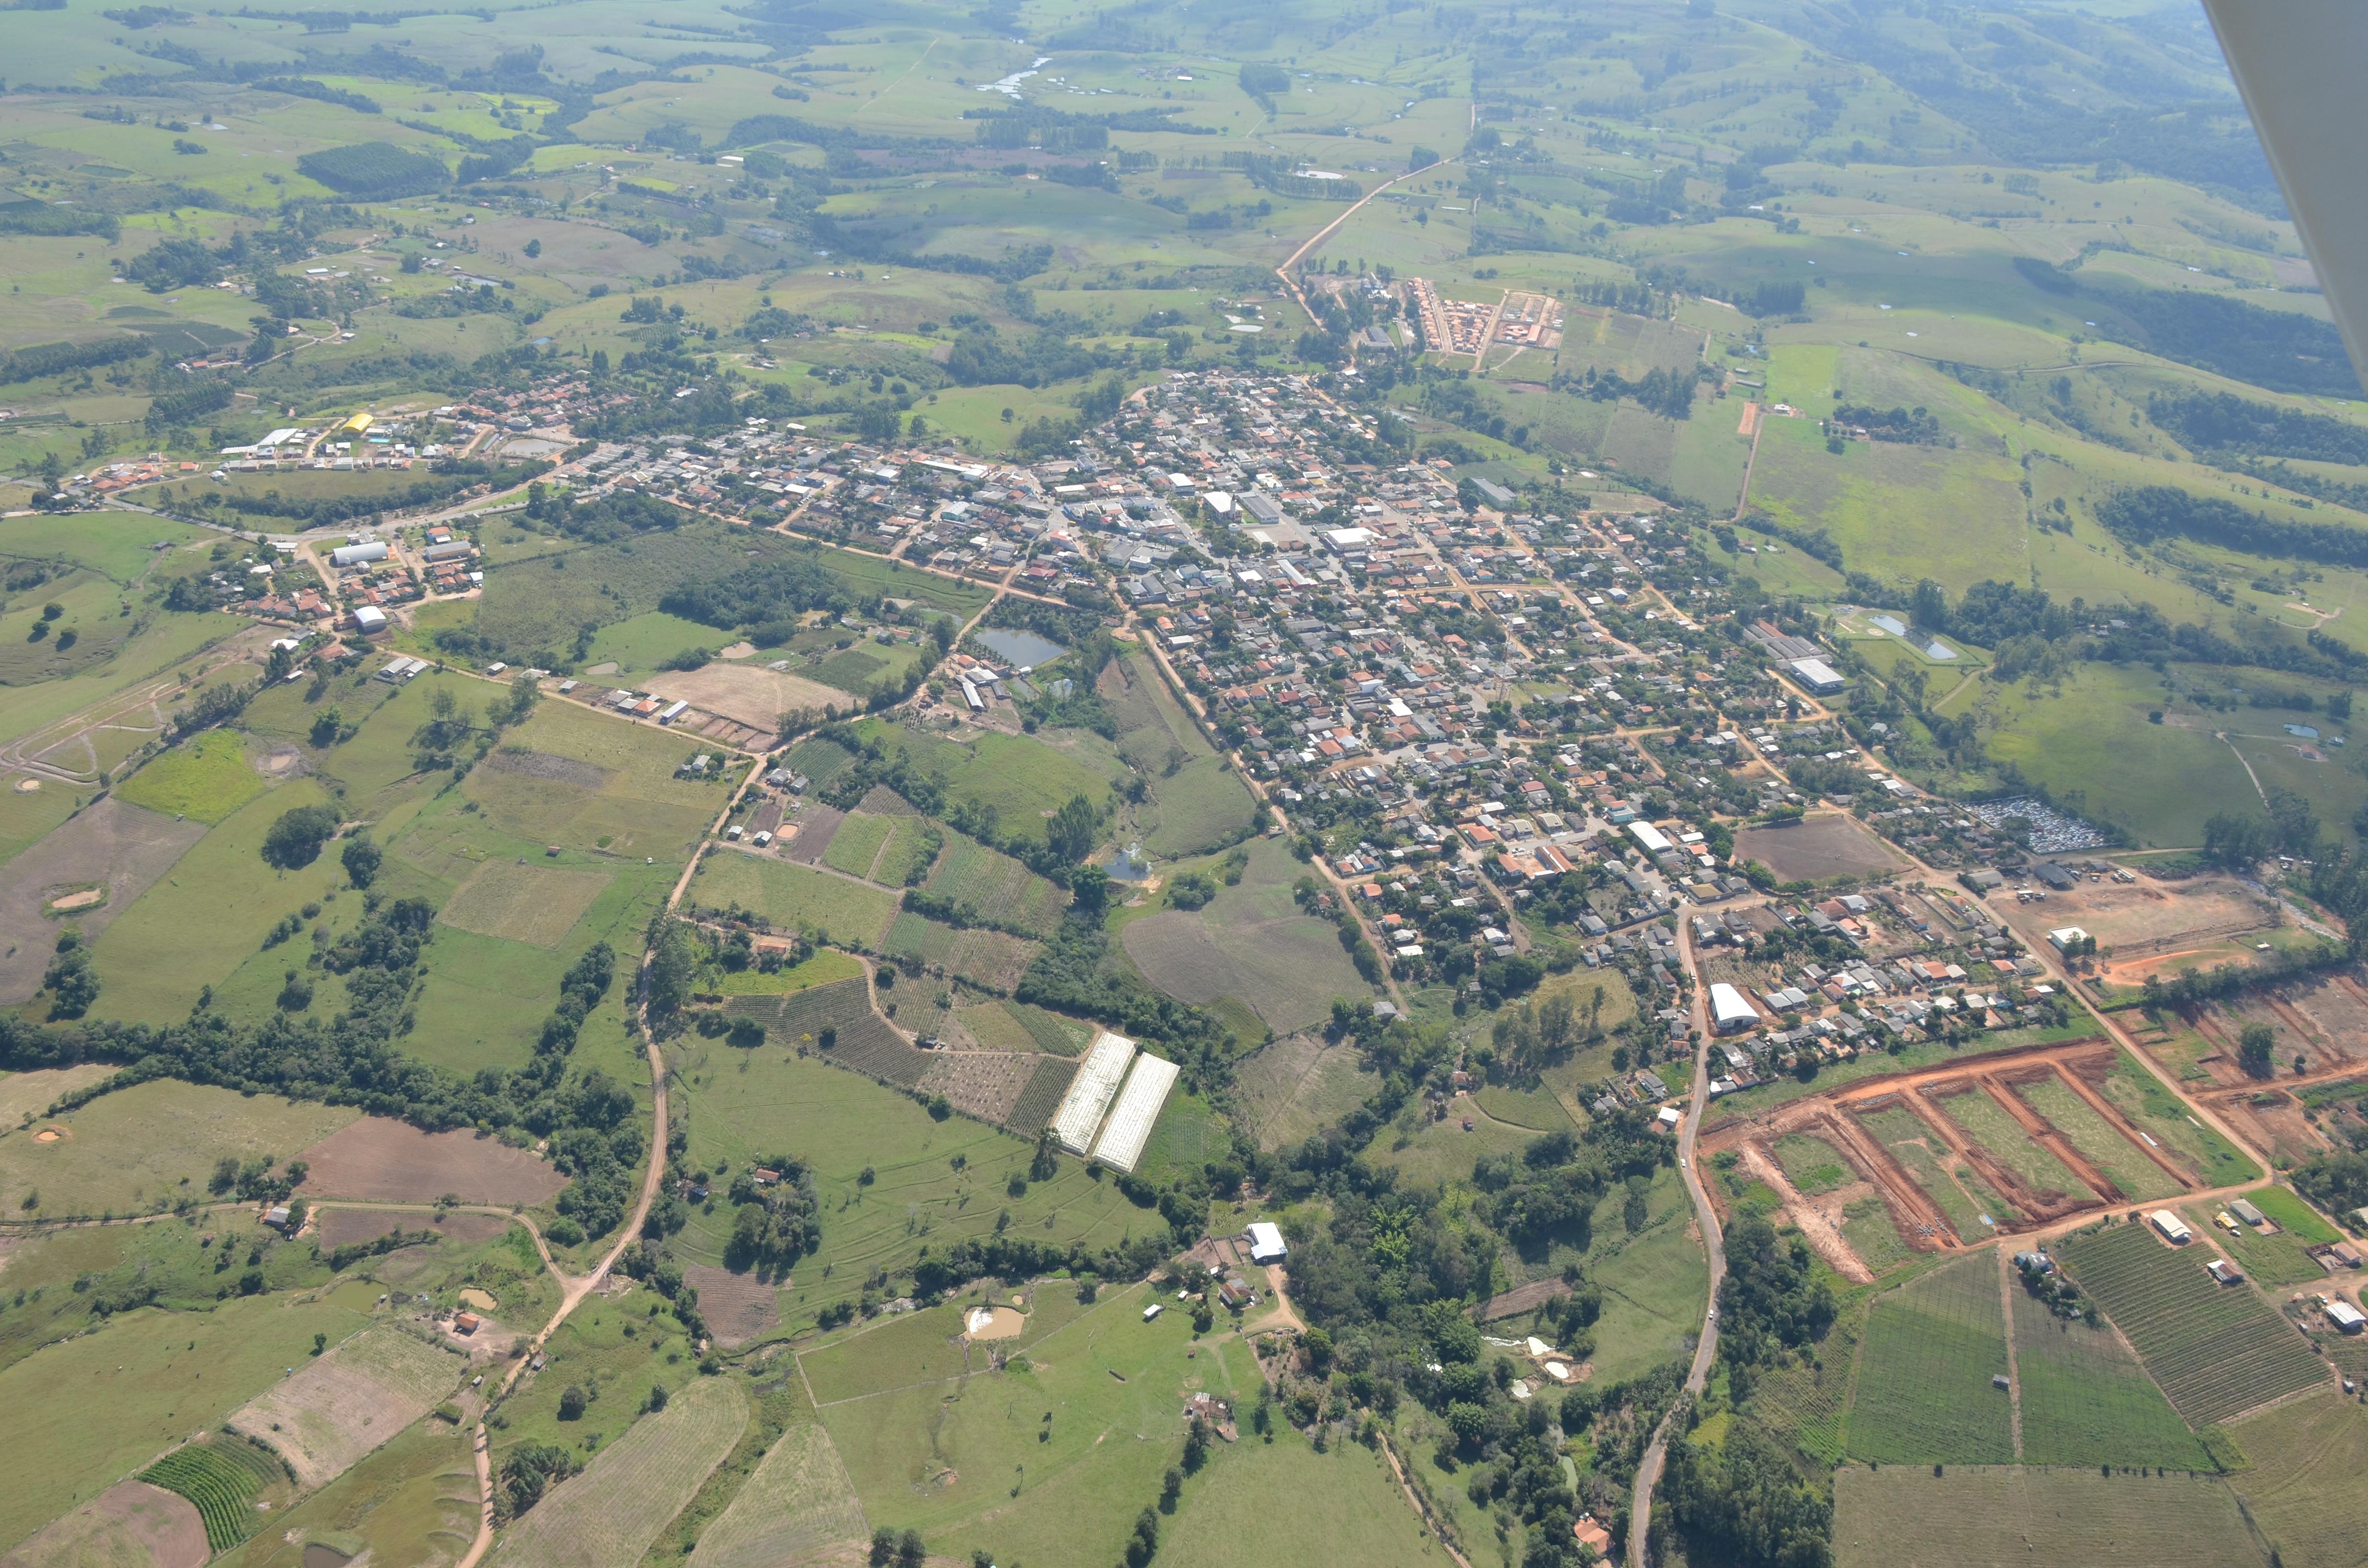 Foto Aérea da Cídade